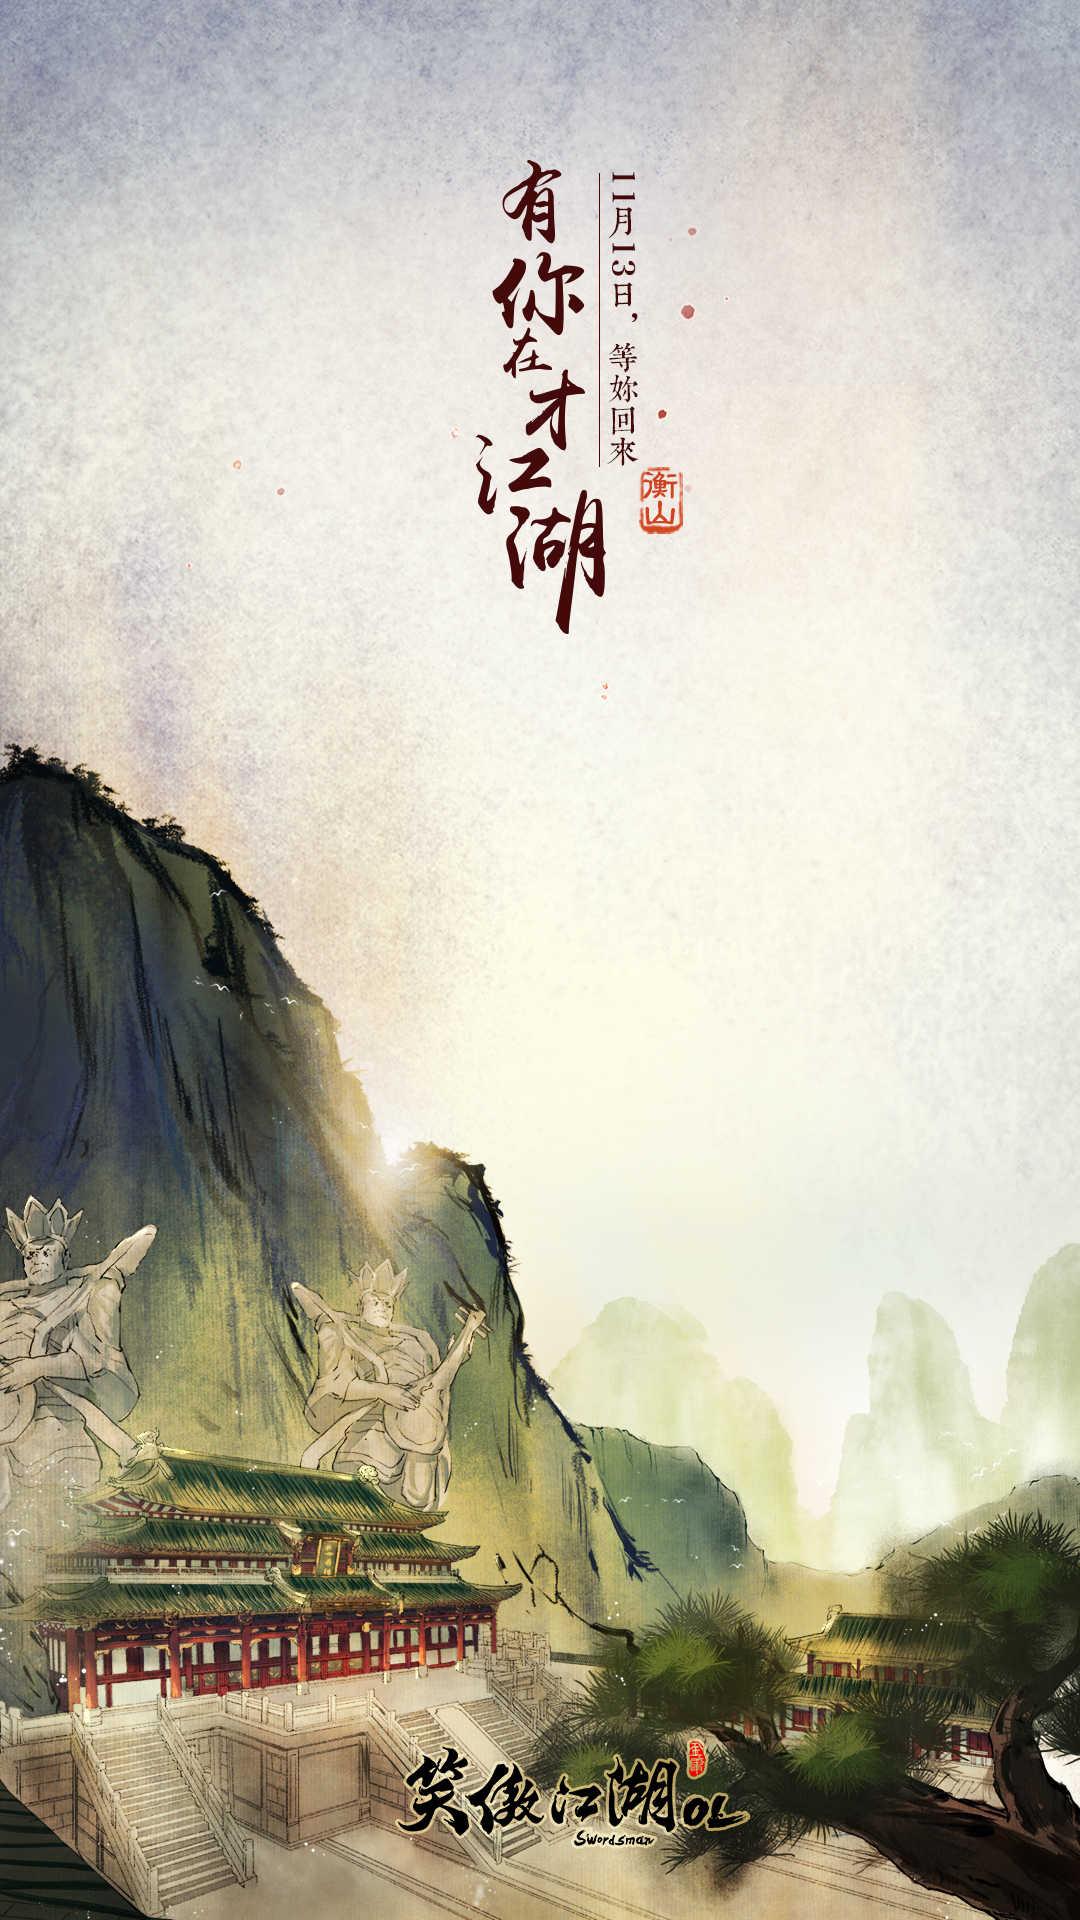 音乐资讯_游戏壁纸 -《笑傲江湖OL》官方网站